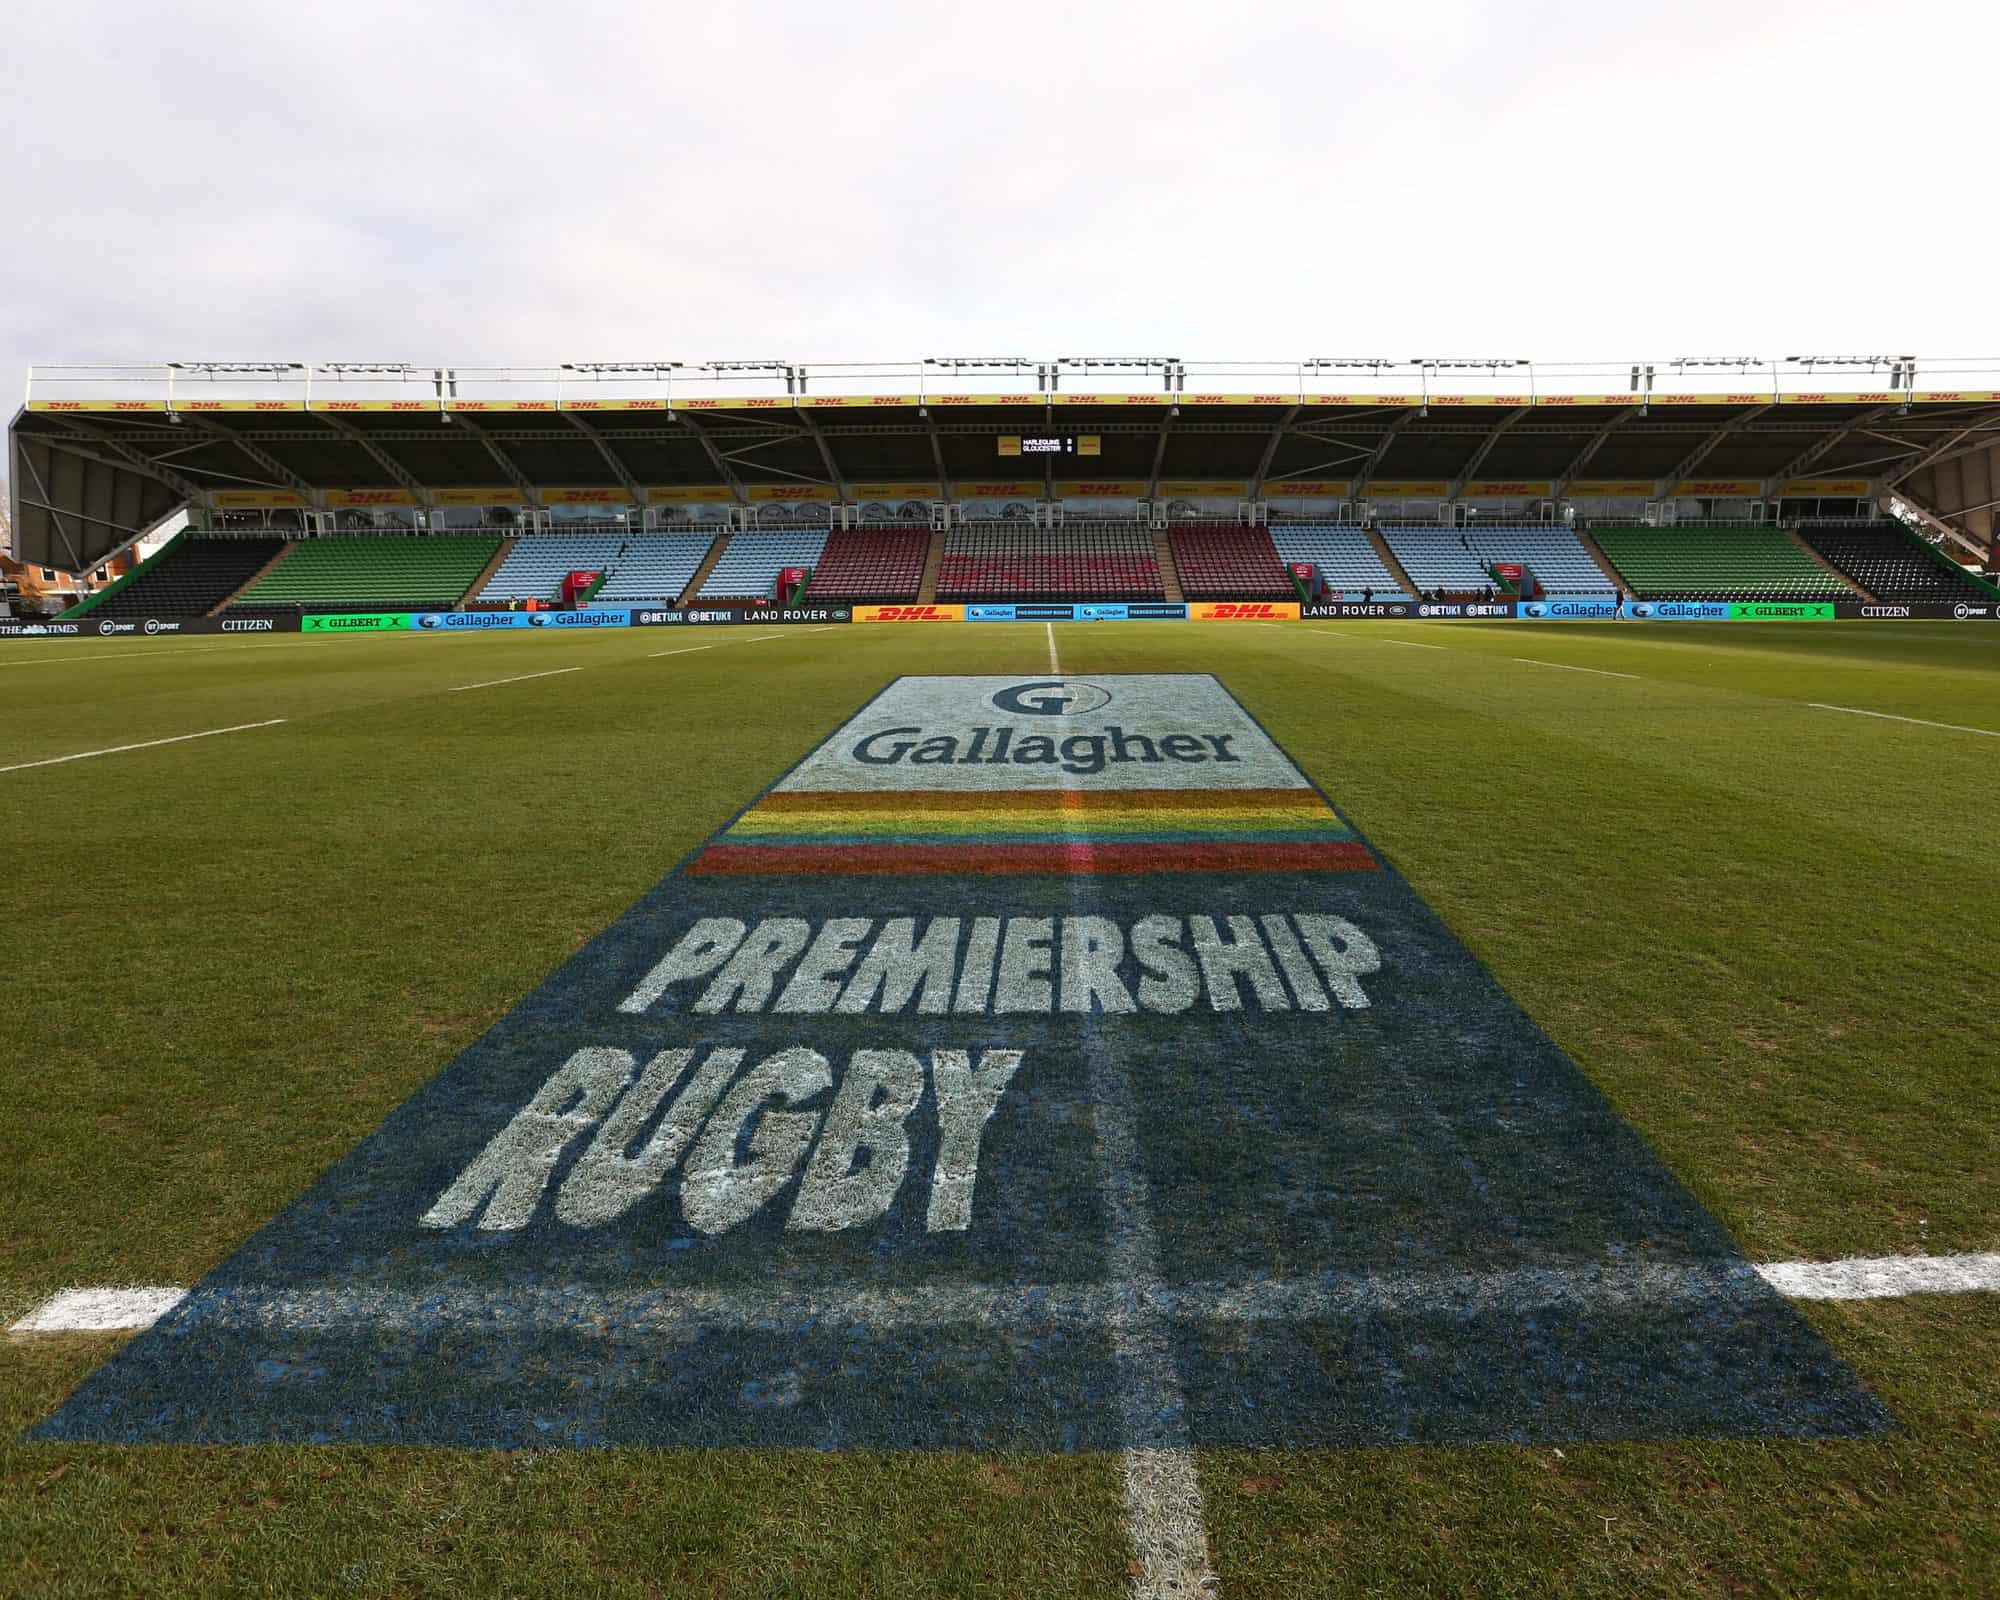 Harlequins v Gloucester Rugby - Gallagher Premiership Rugby